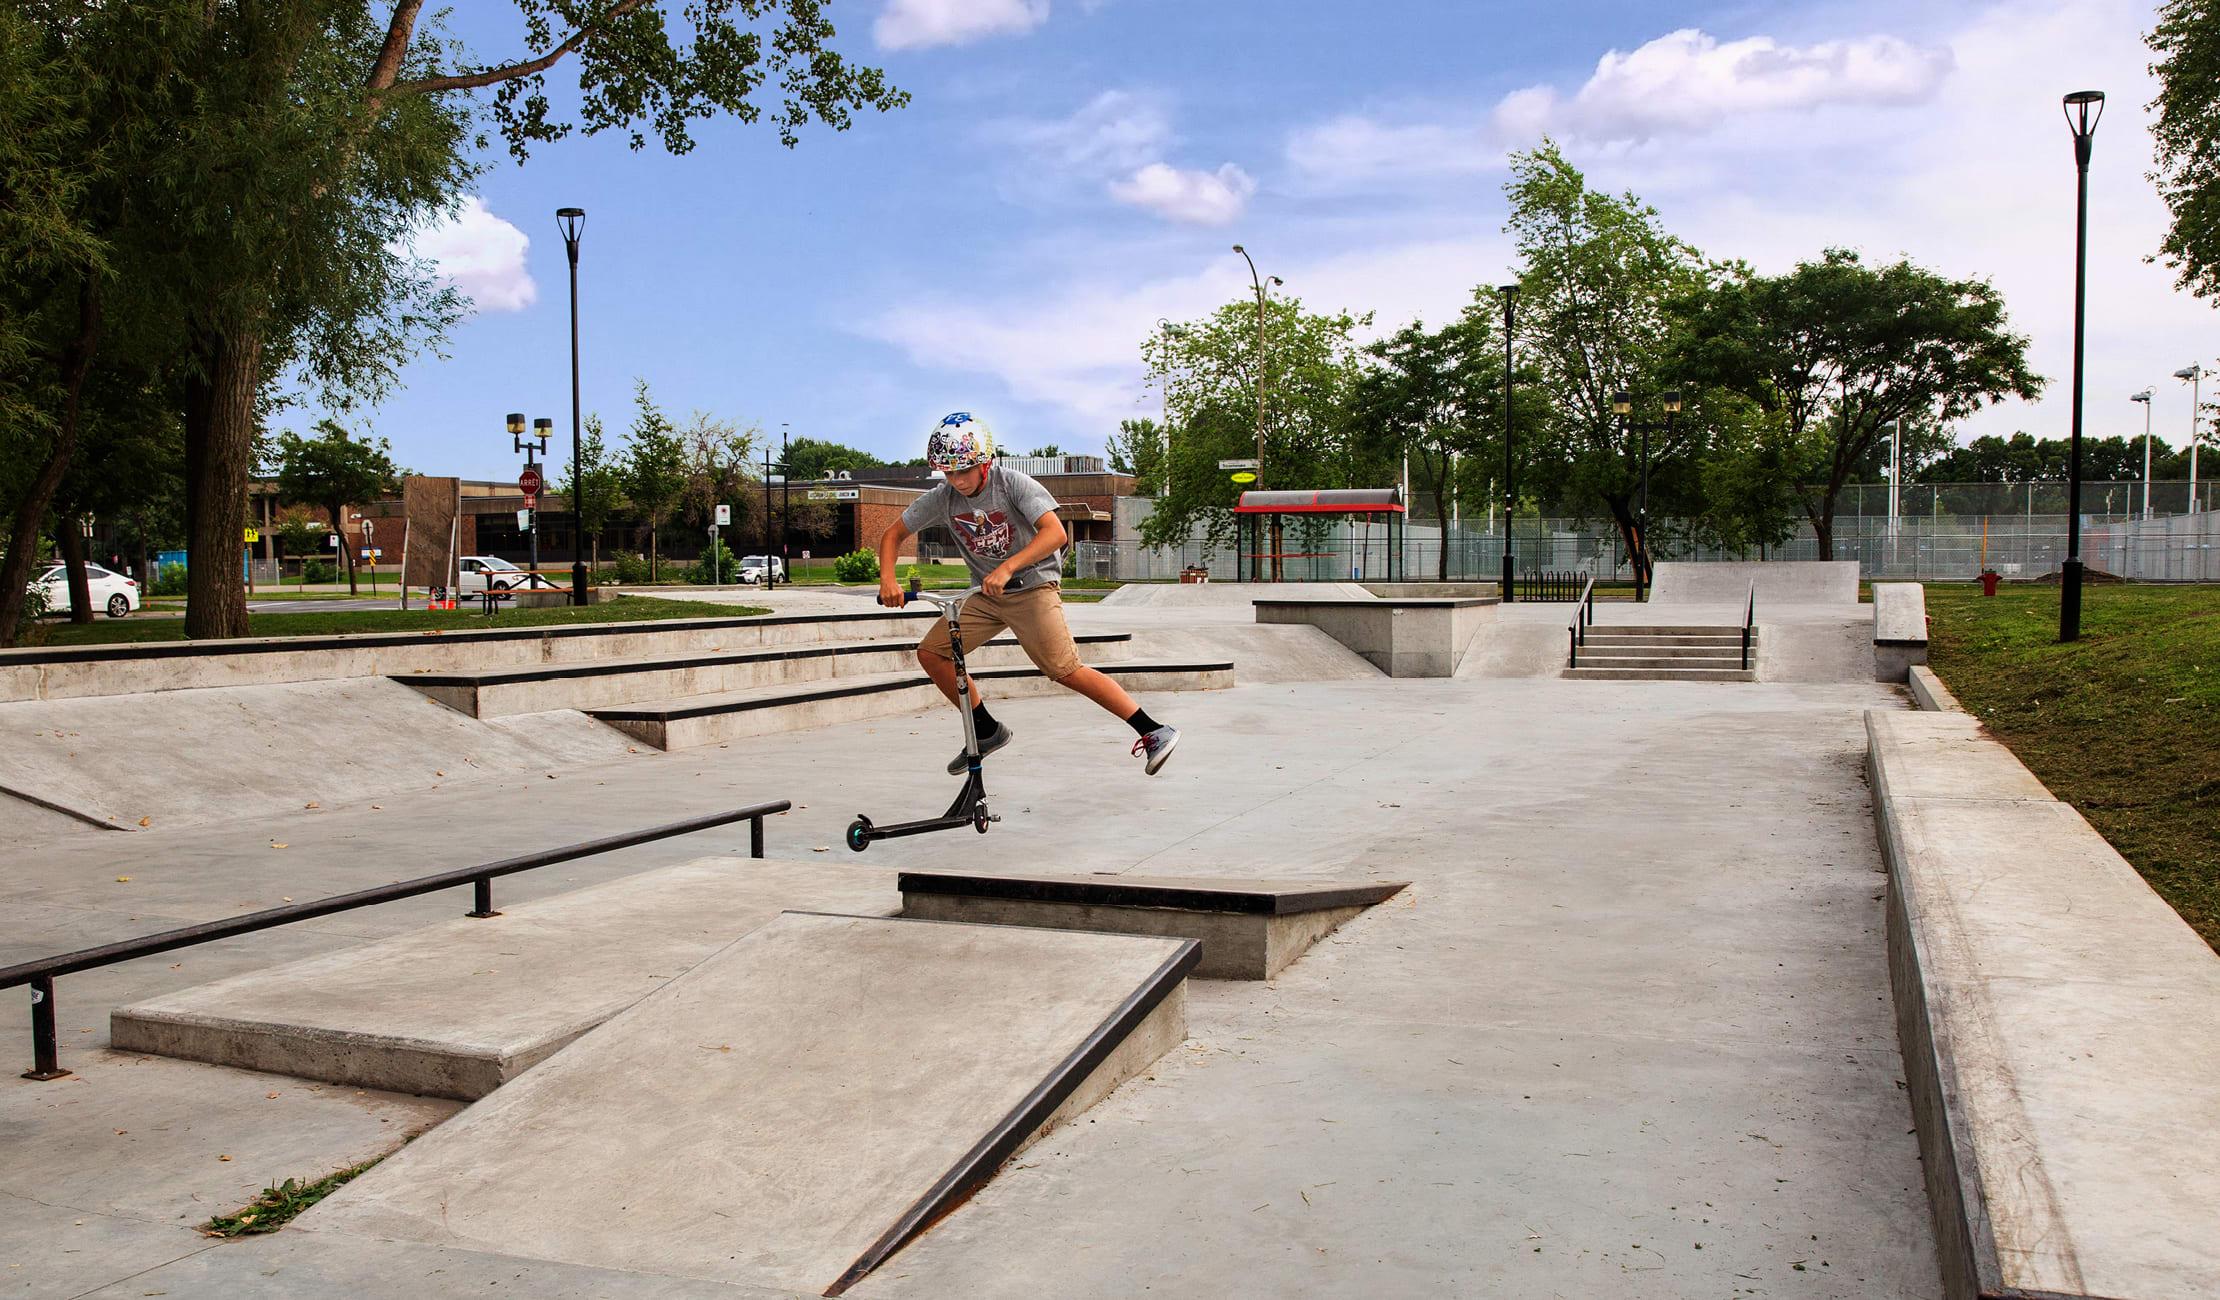 Skatepark à Rivière-des-Prairies–Pointe-aux-Trembles, Montréal.